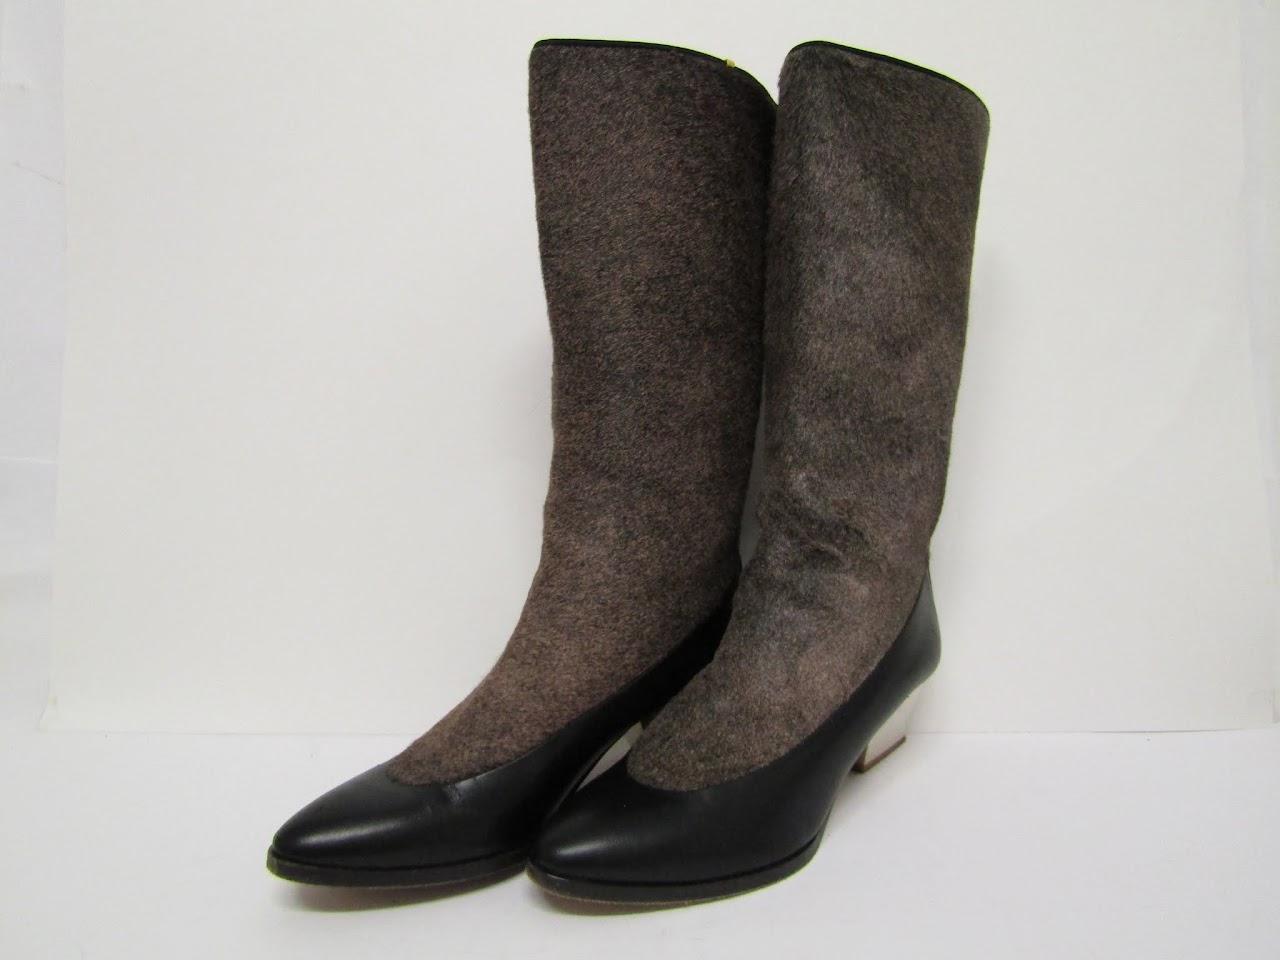 Zoe Lee Fur Boots